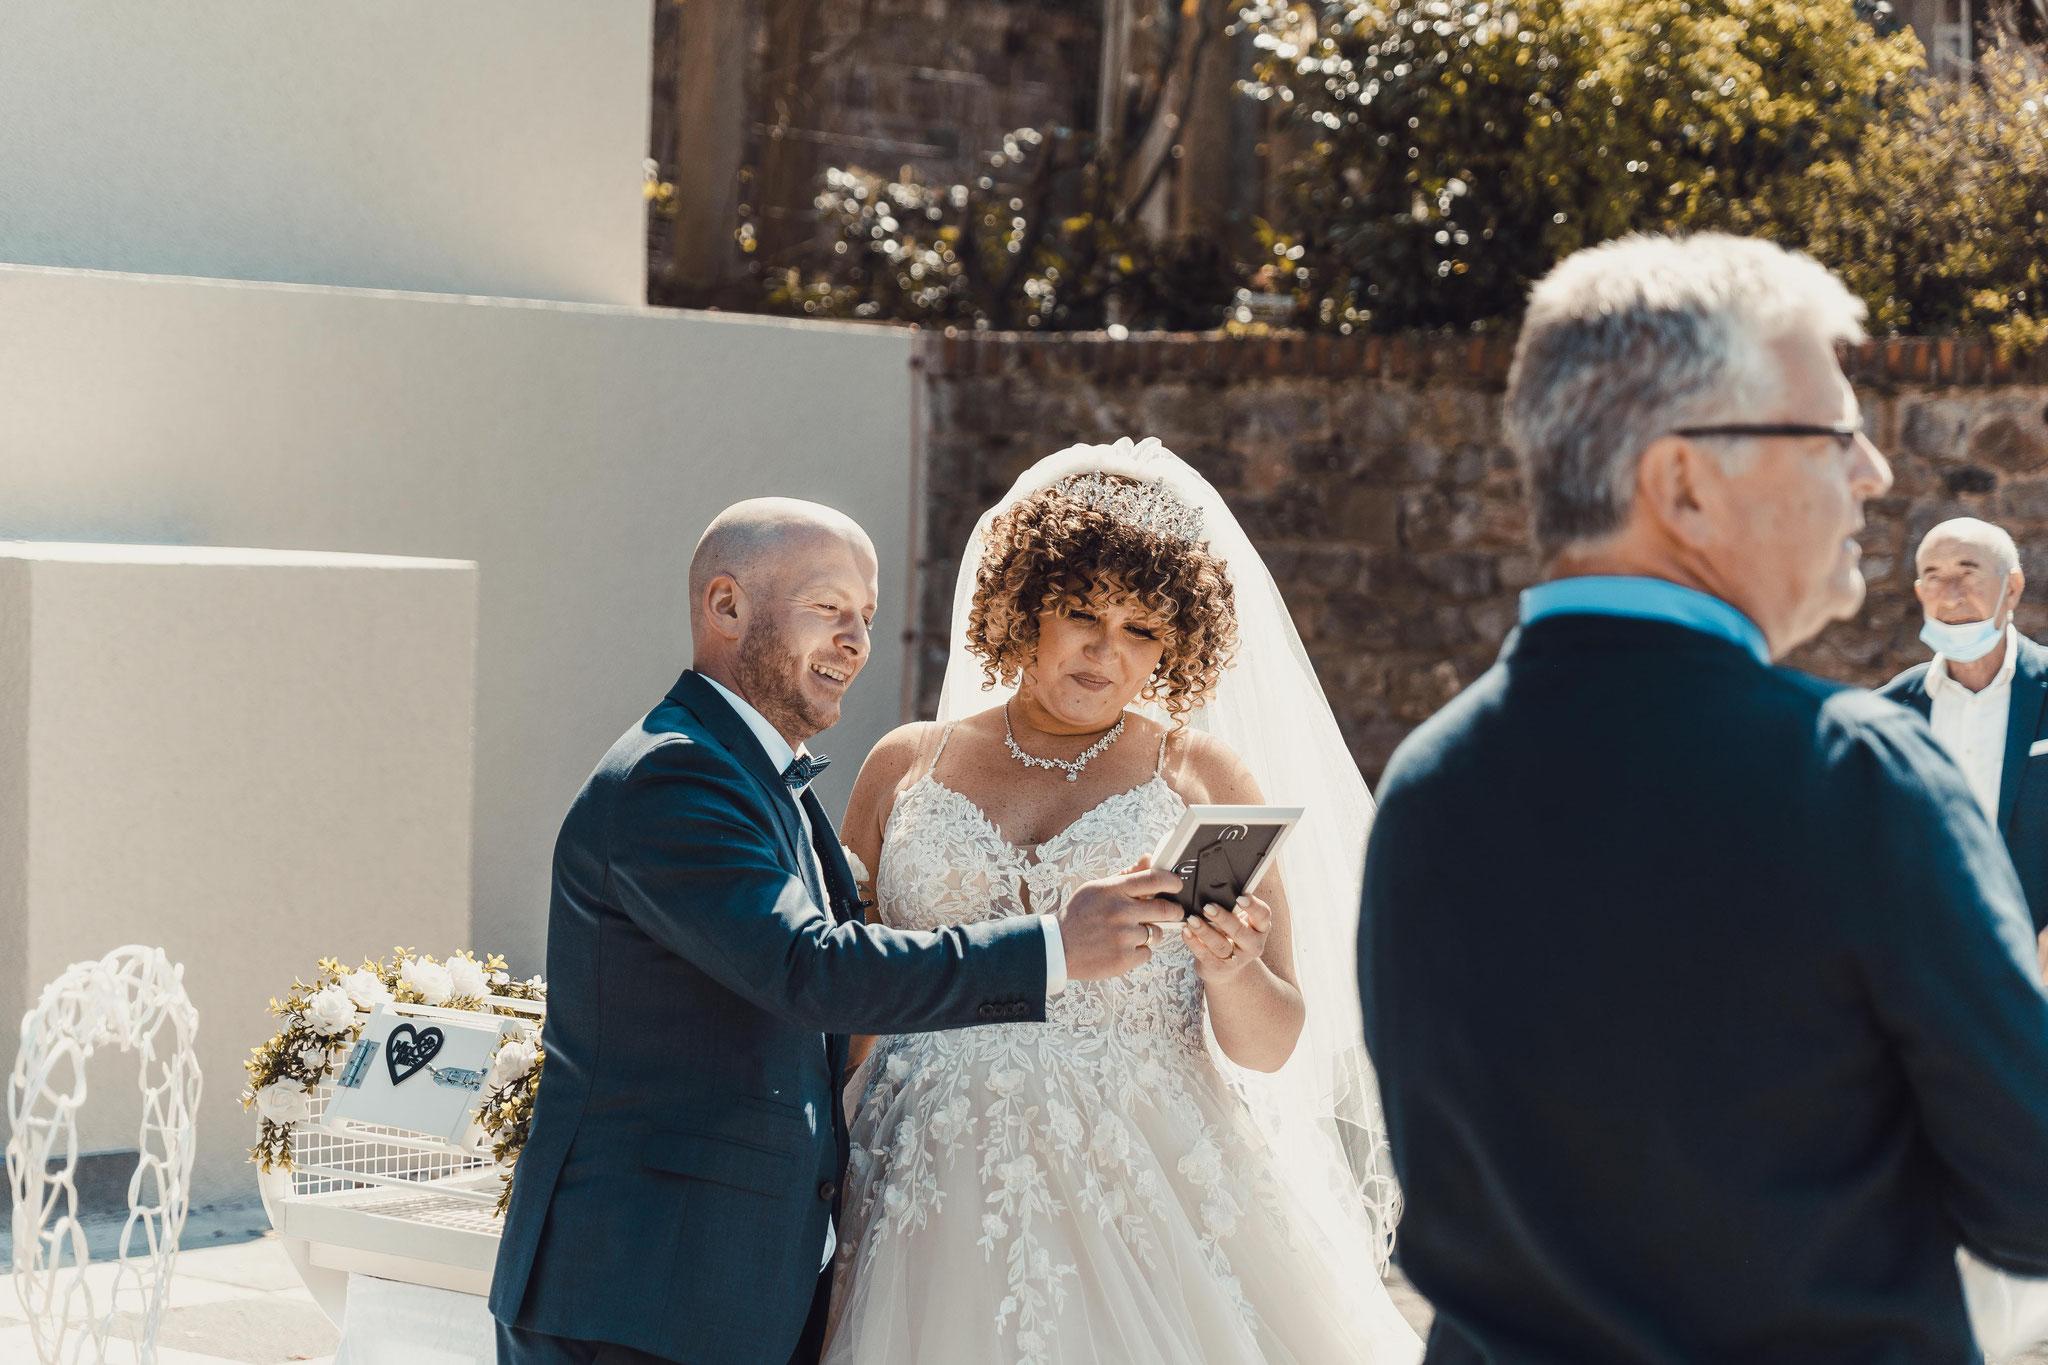 Professioneller Fotograf für ein kurzes aber unvergessliches Brautpaarshooting in Darmstadt